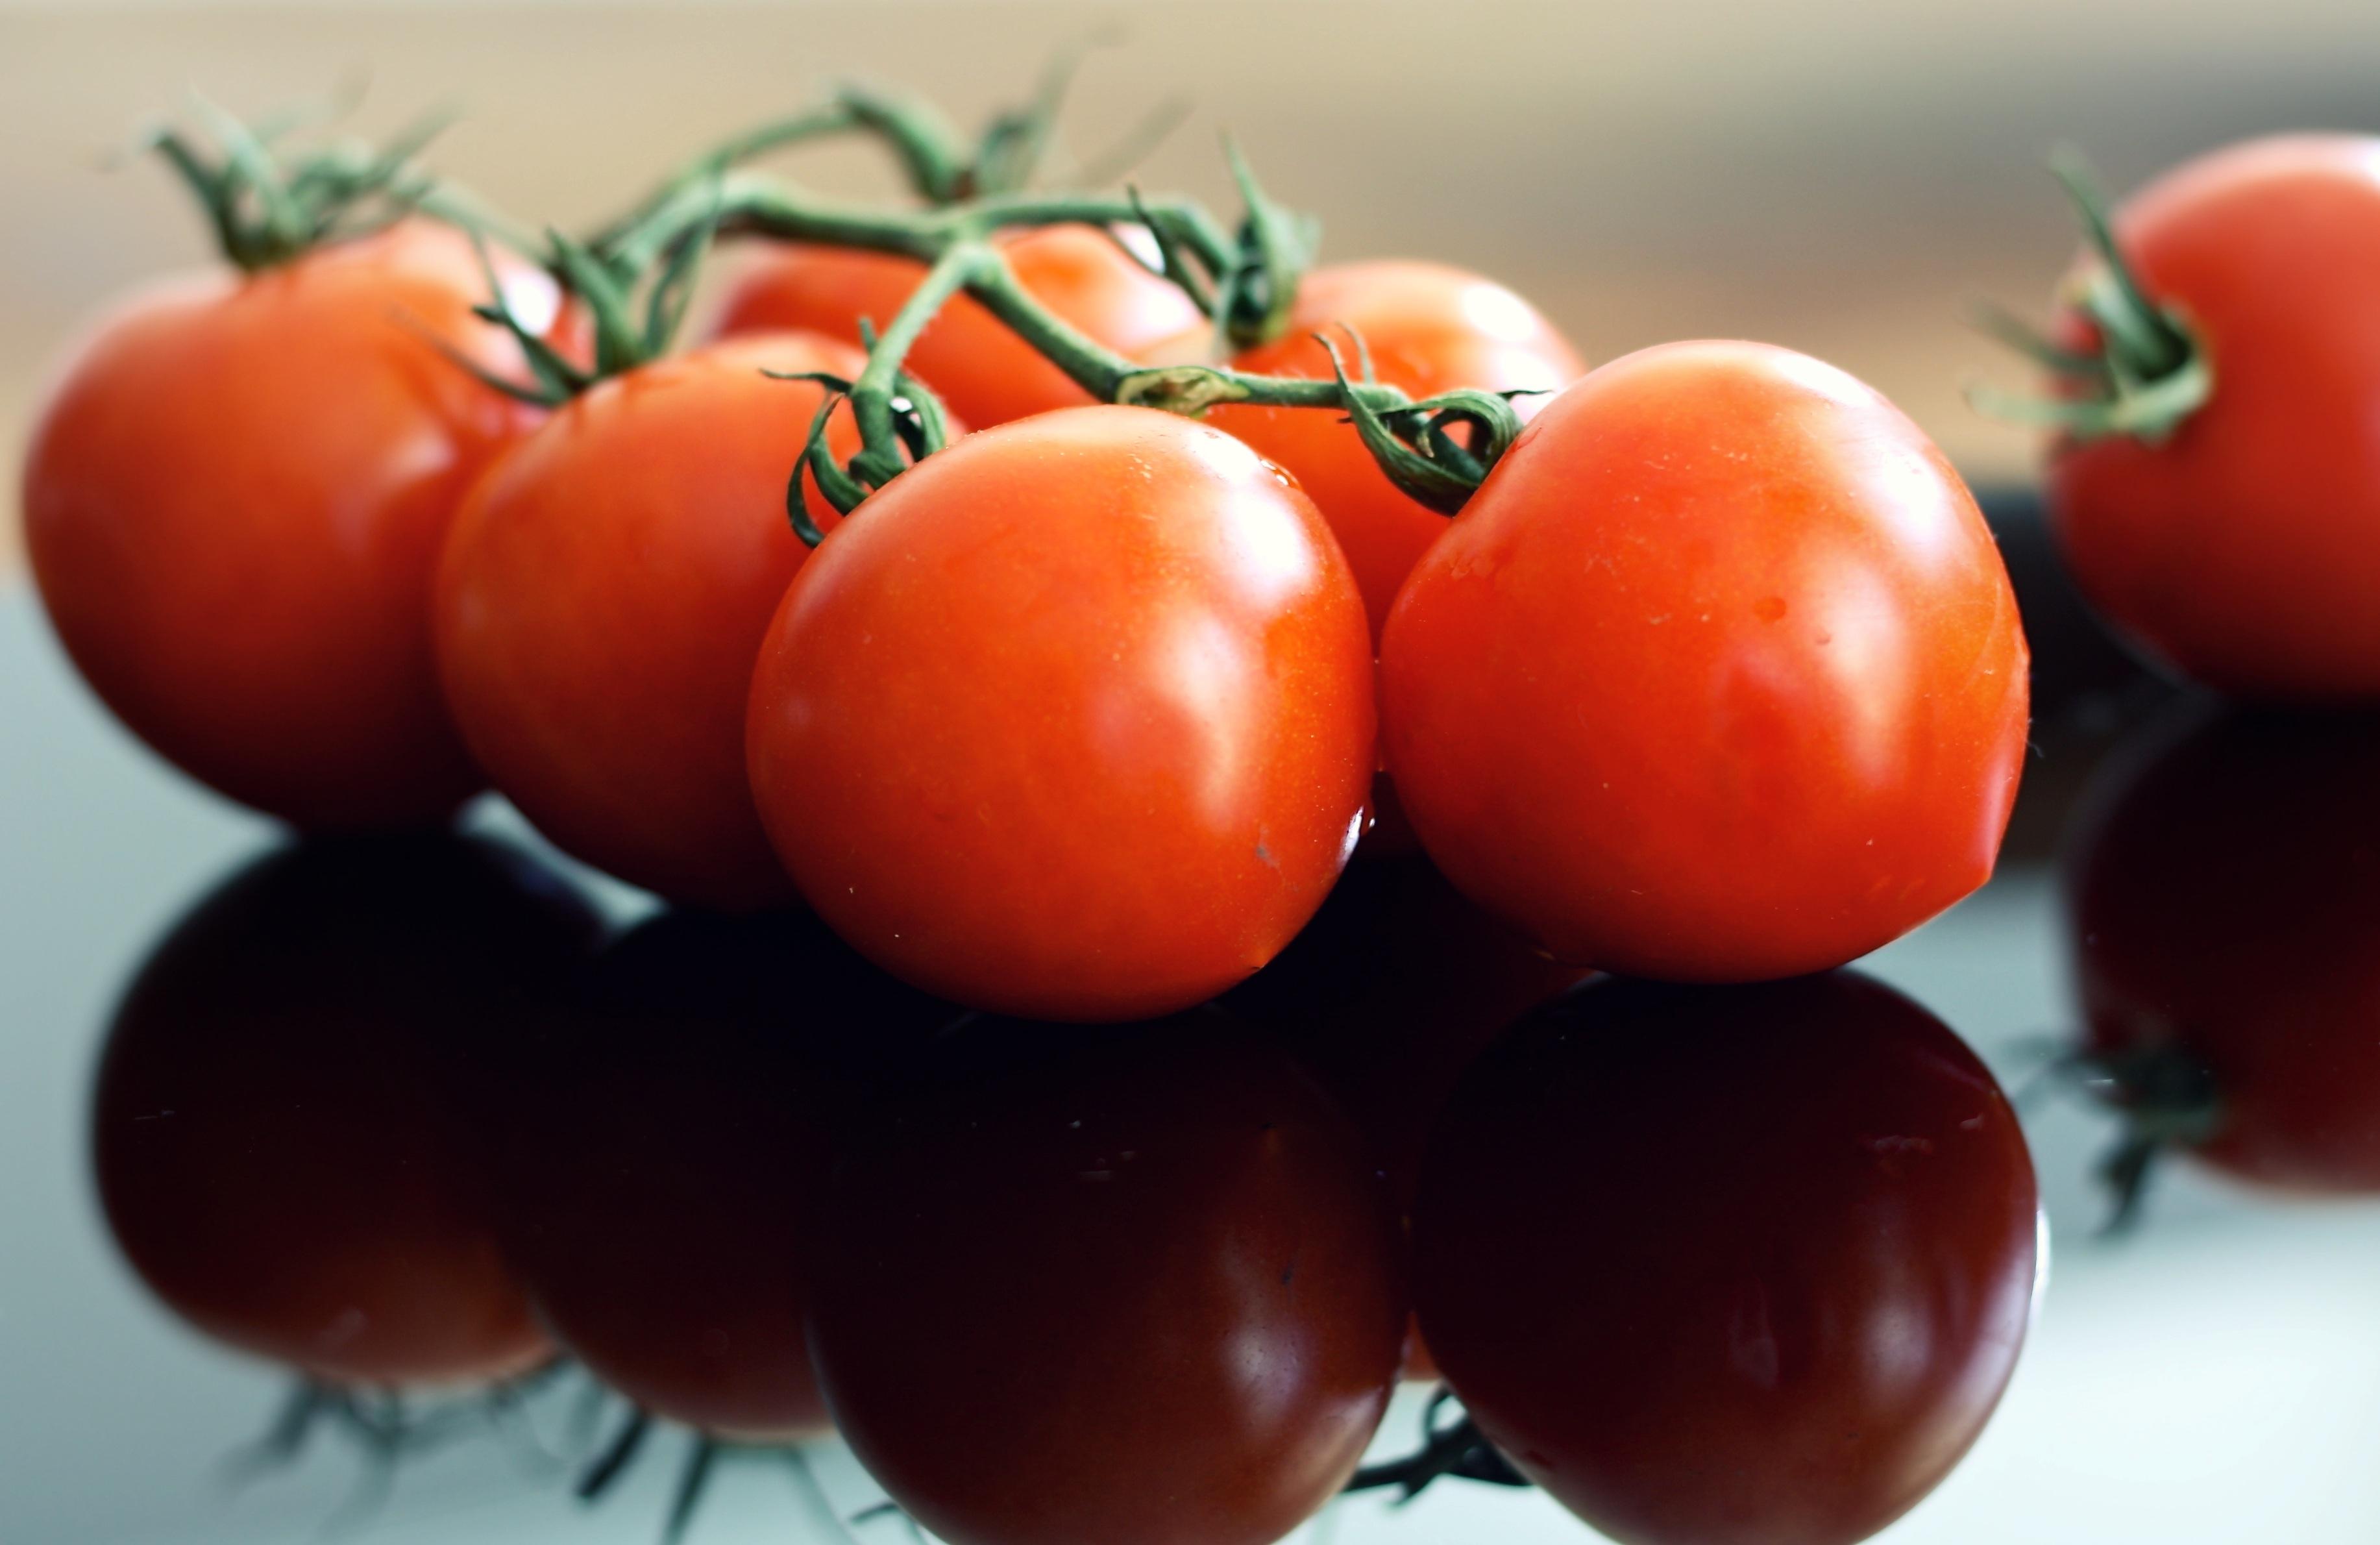 136406 Заставки и Обои Овощи на телефон. Скачать Еда, Овощи, Отражение, Спелый, Томаты картинки бесплатно